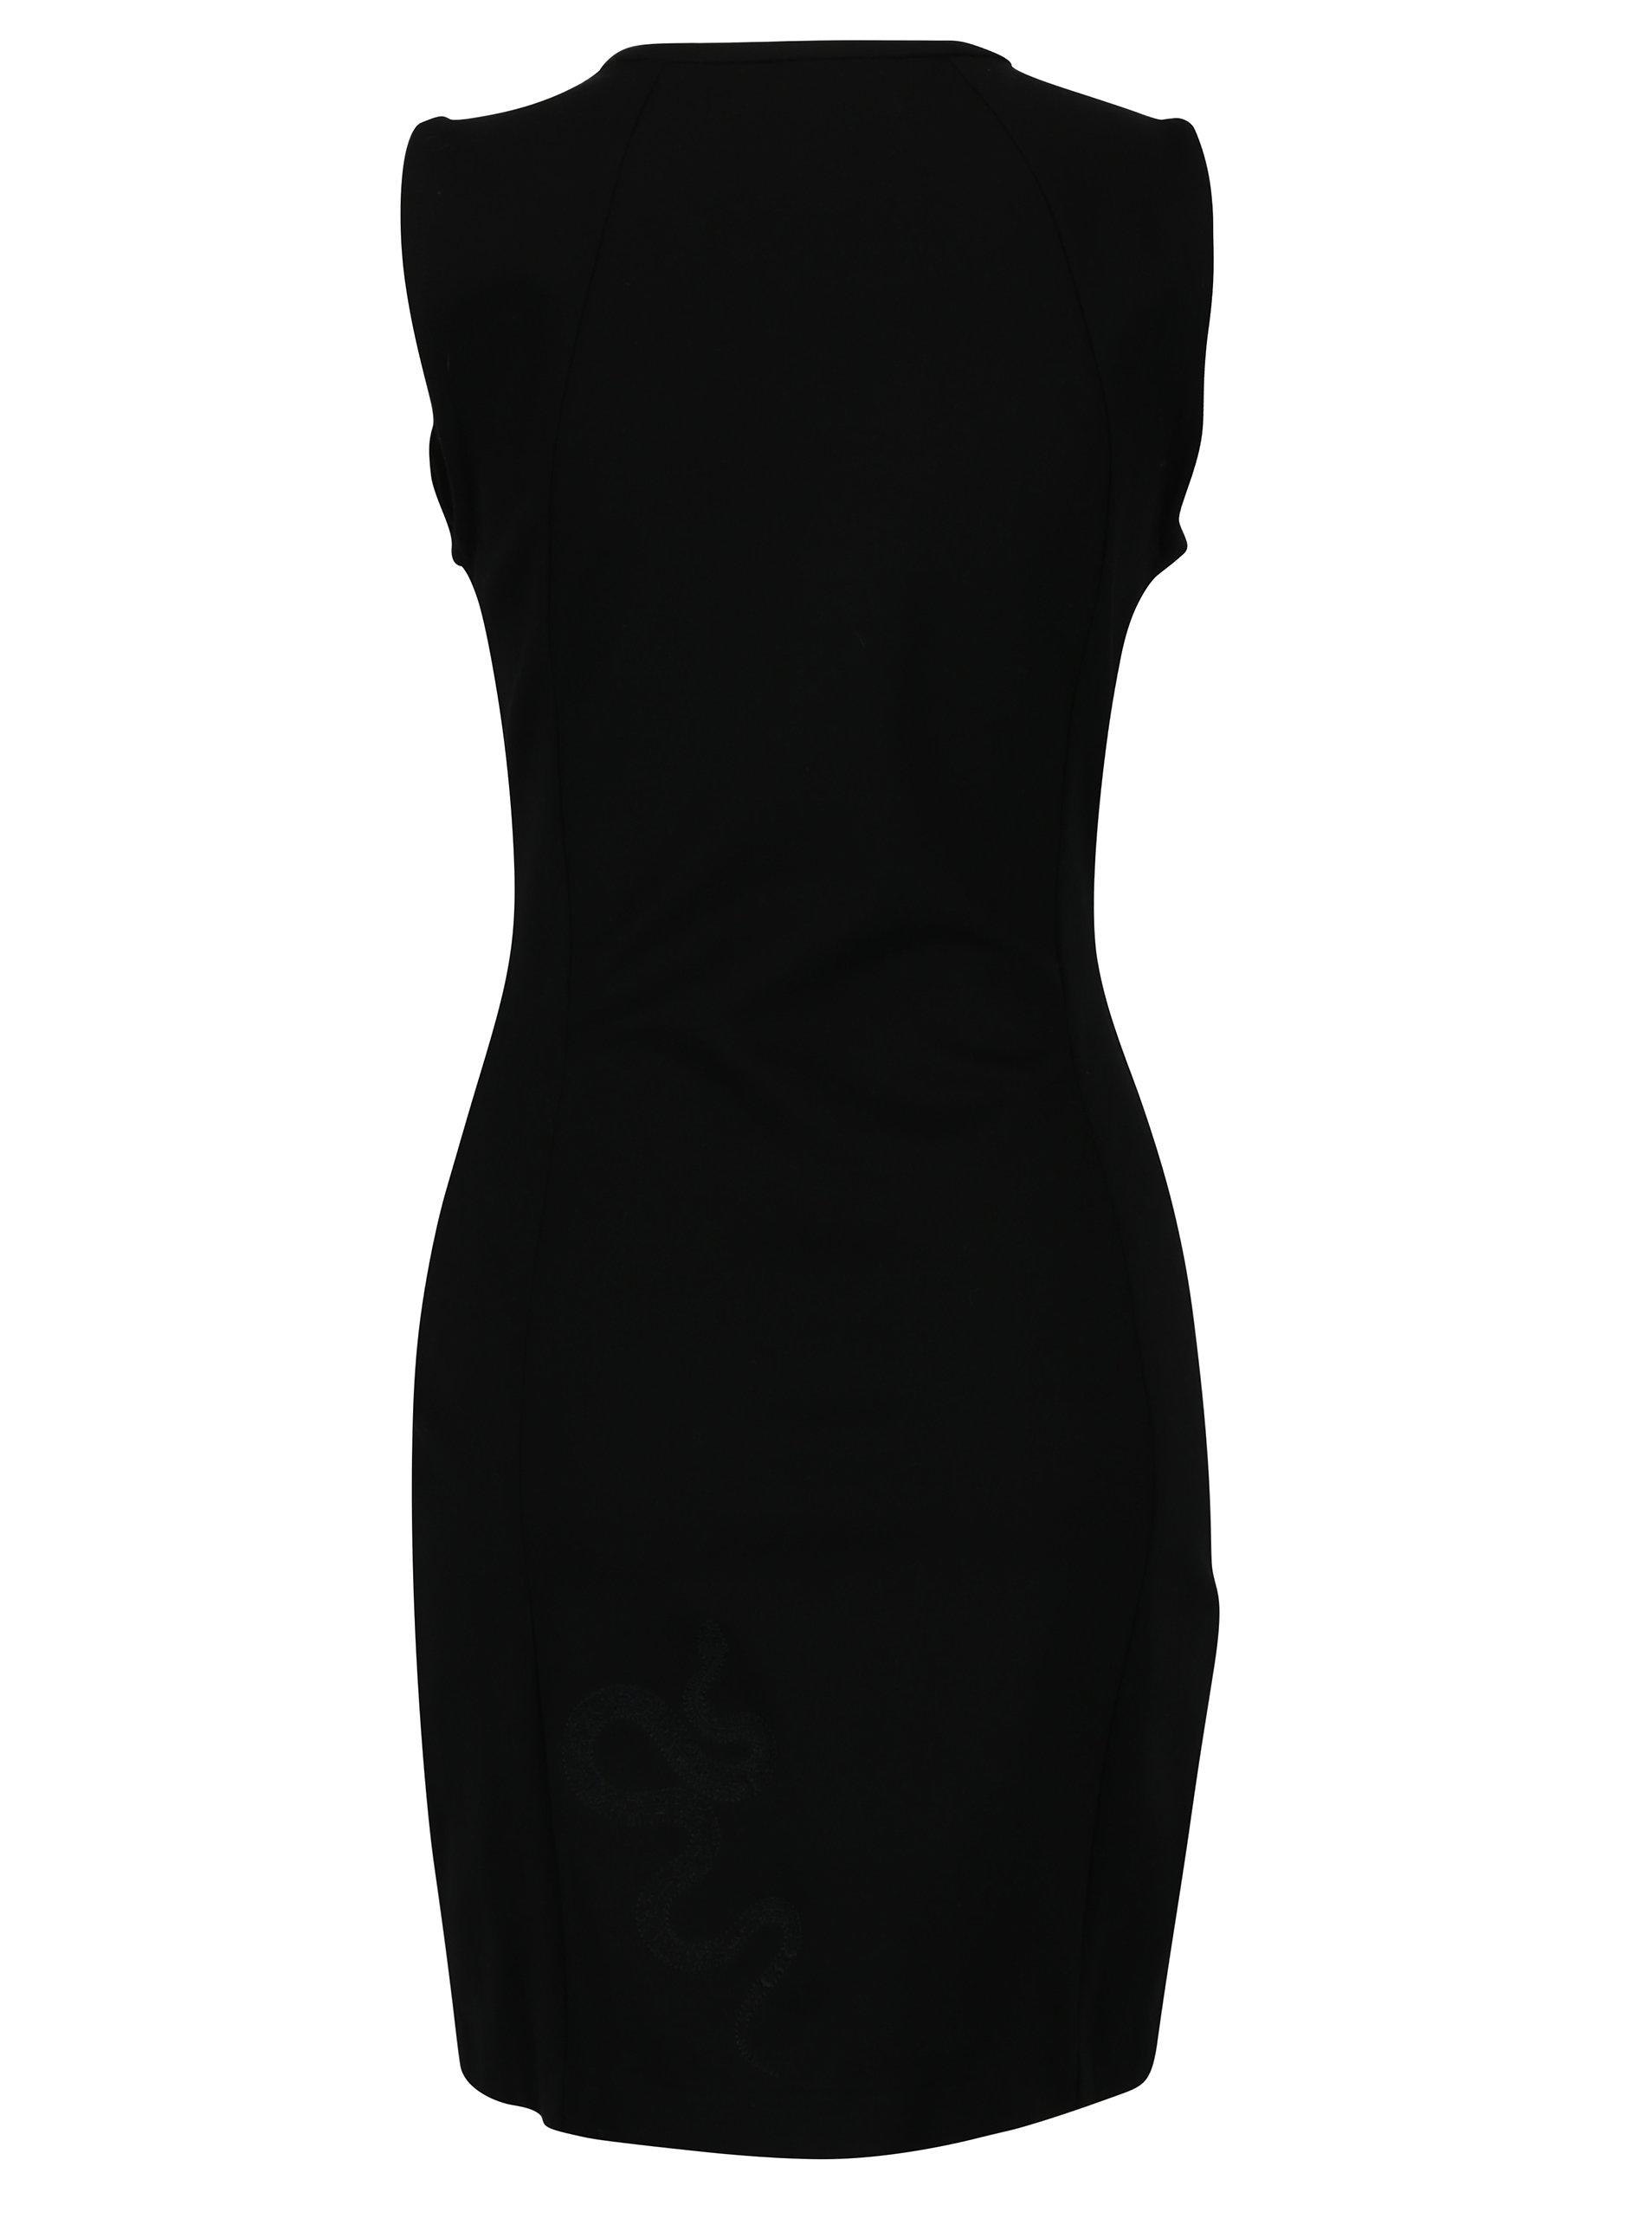 834e15d6ca98 Černé šaty se zvířecím vzorem Desigual Santorini ...